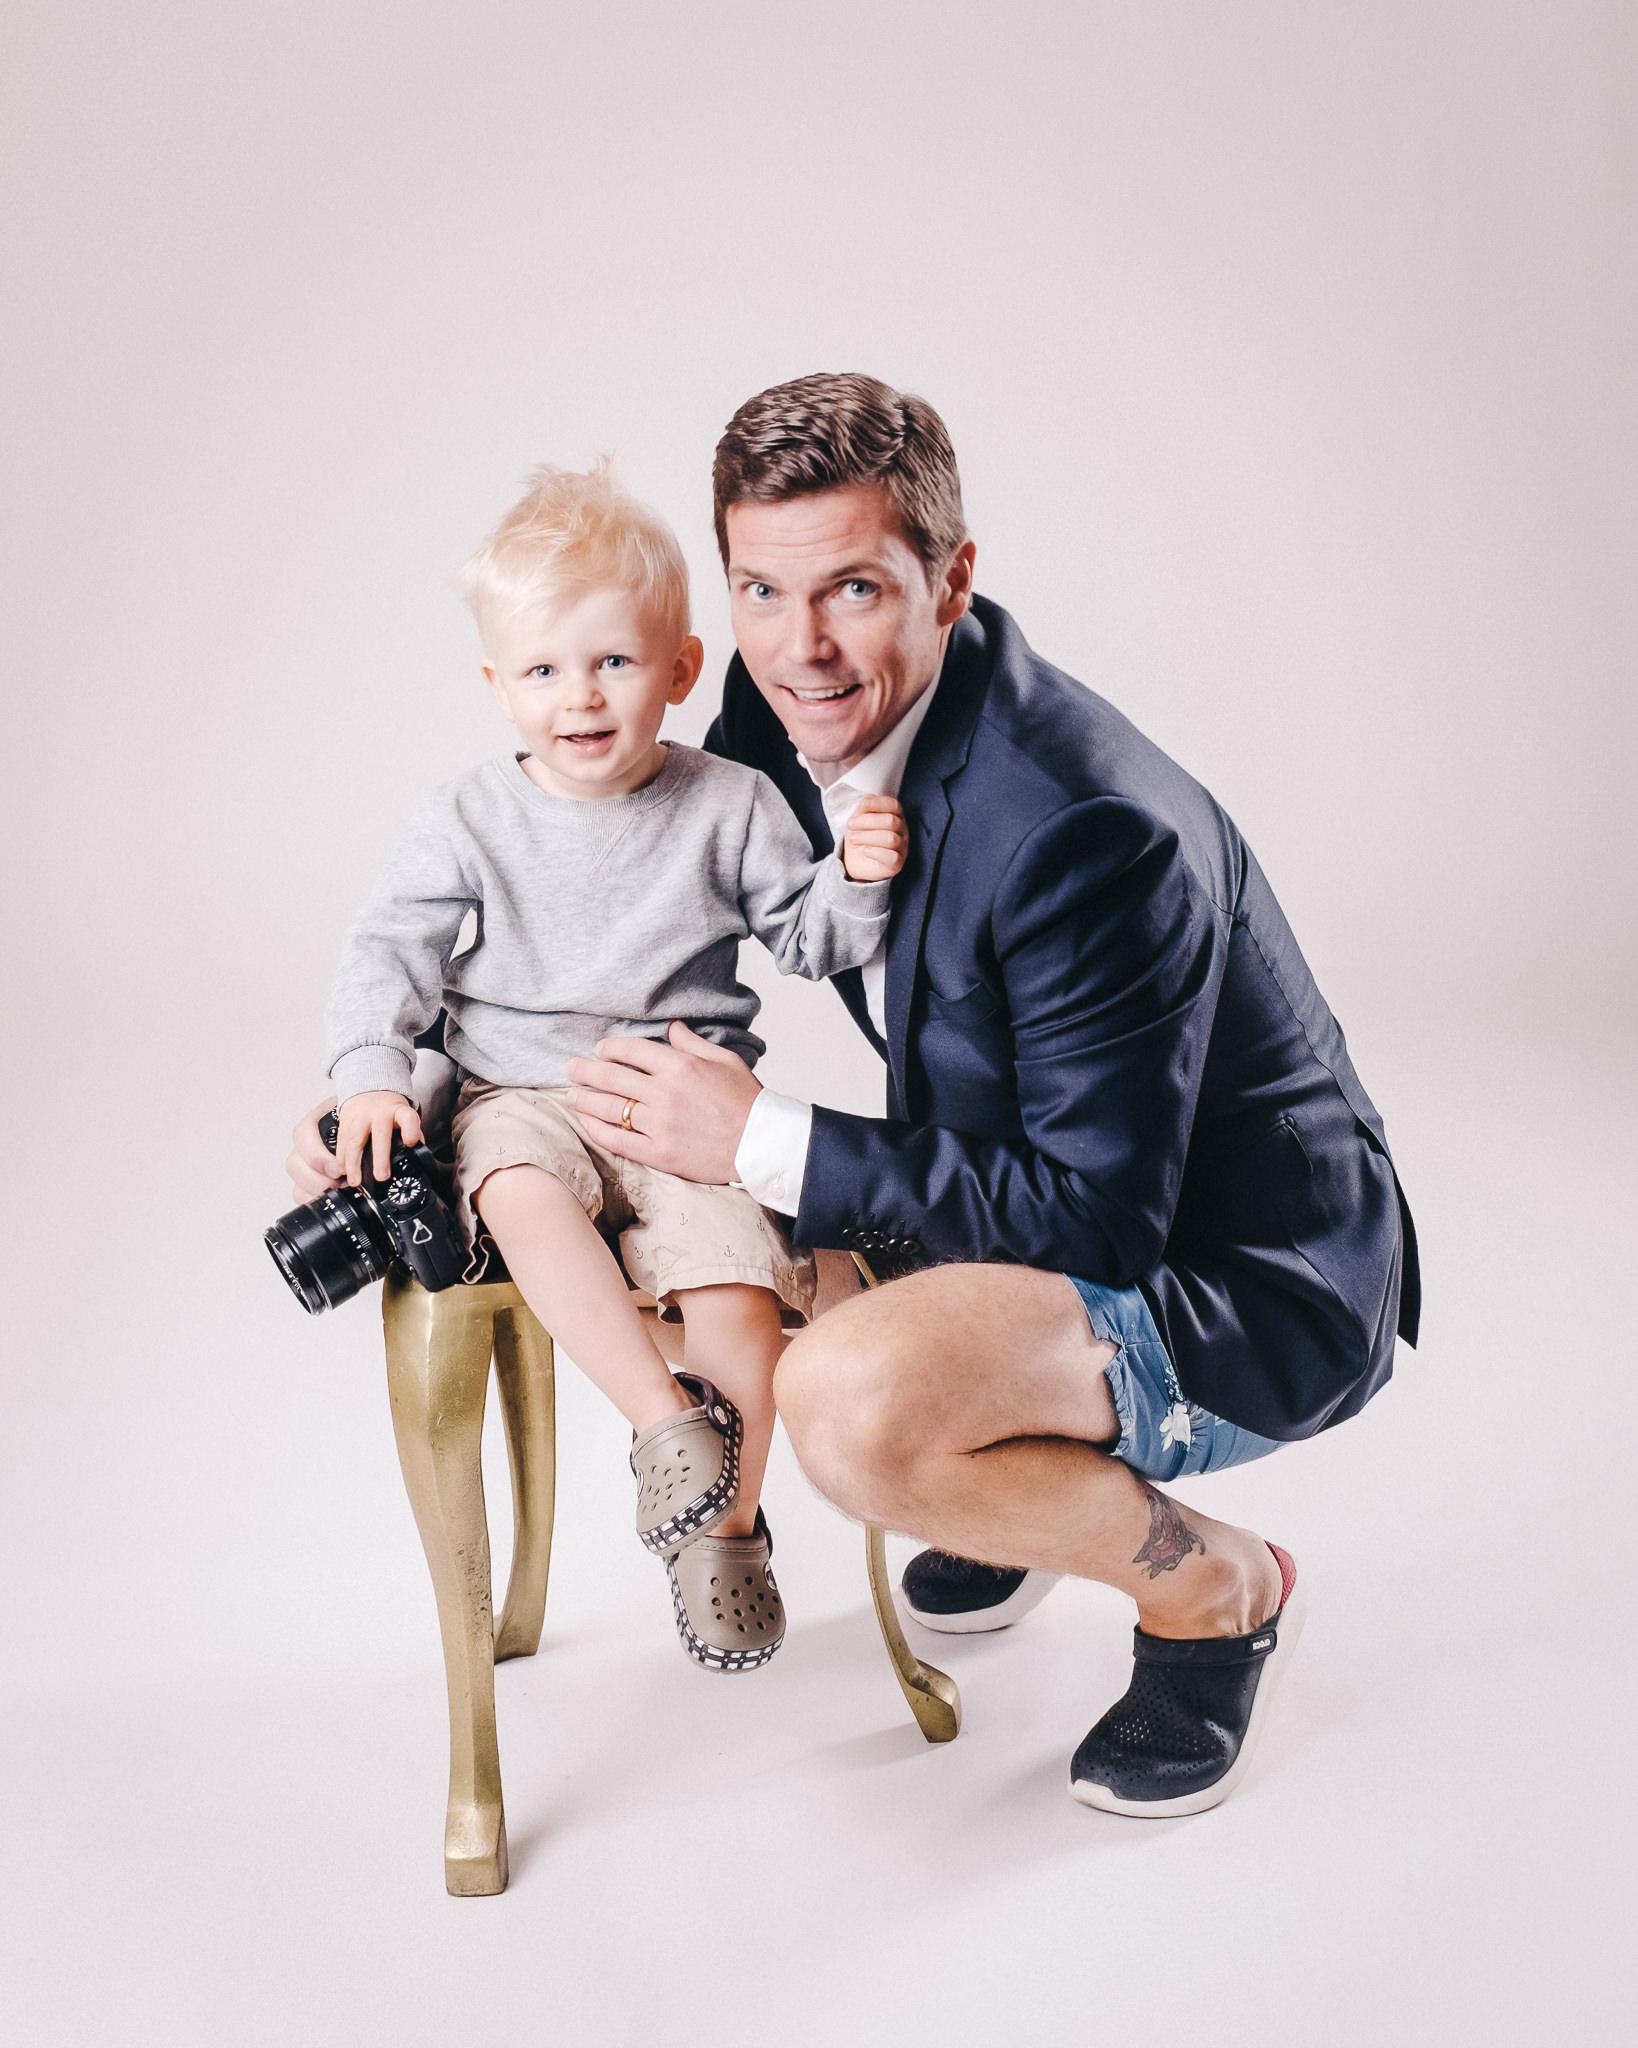 Gott nytt år 2019 önskar fotograf Jonas Wall